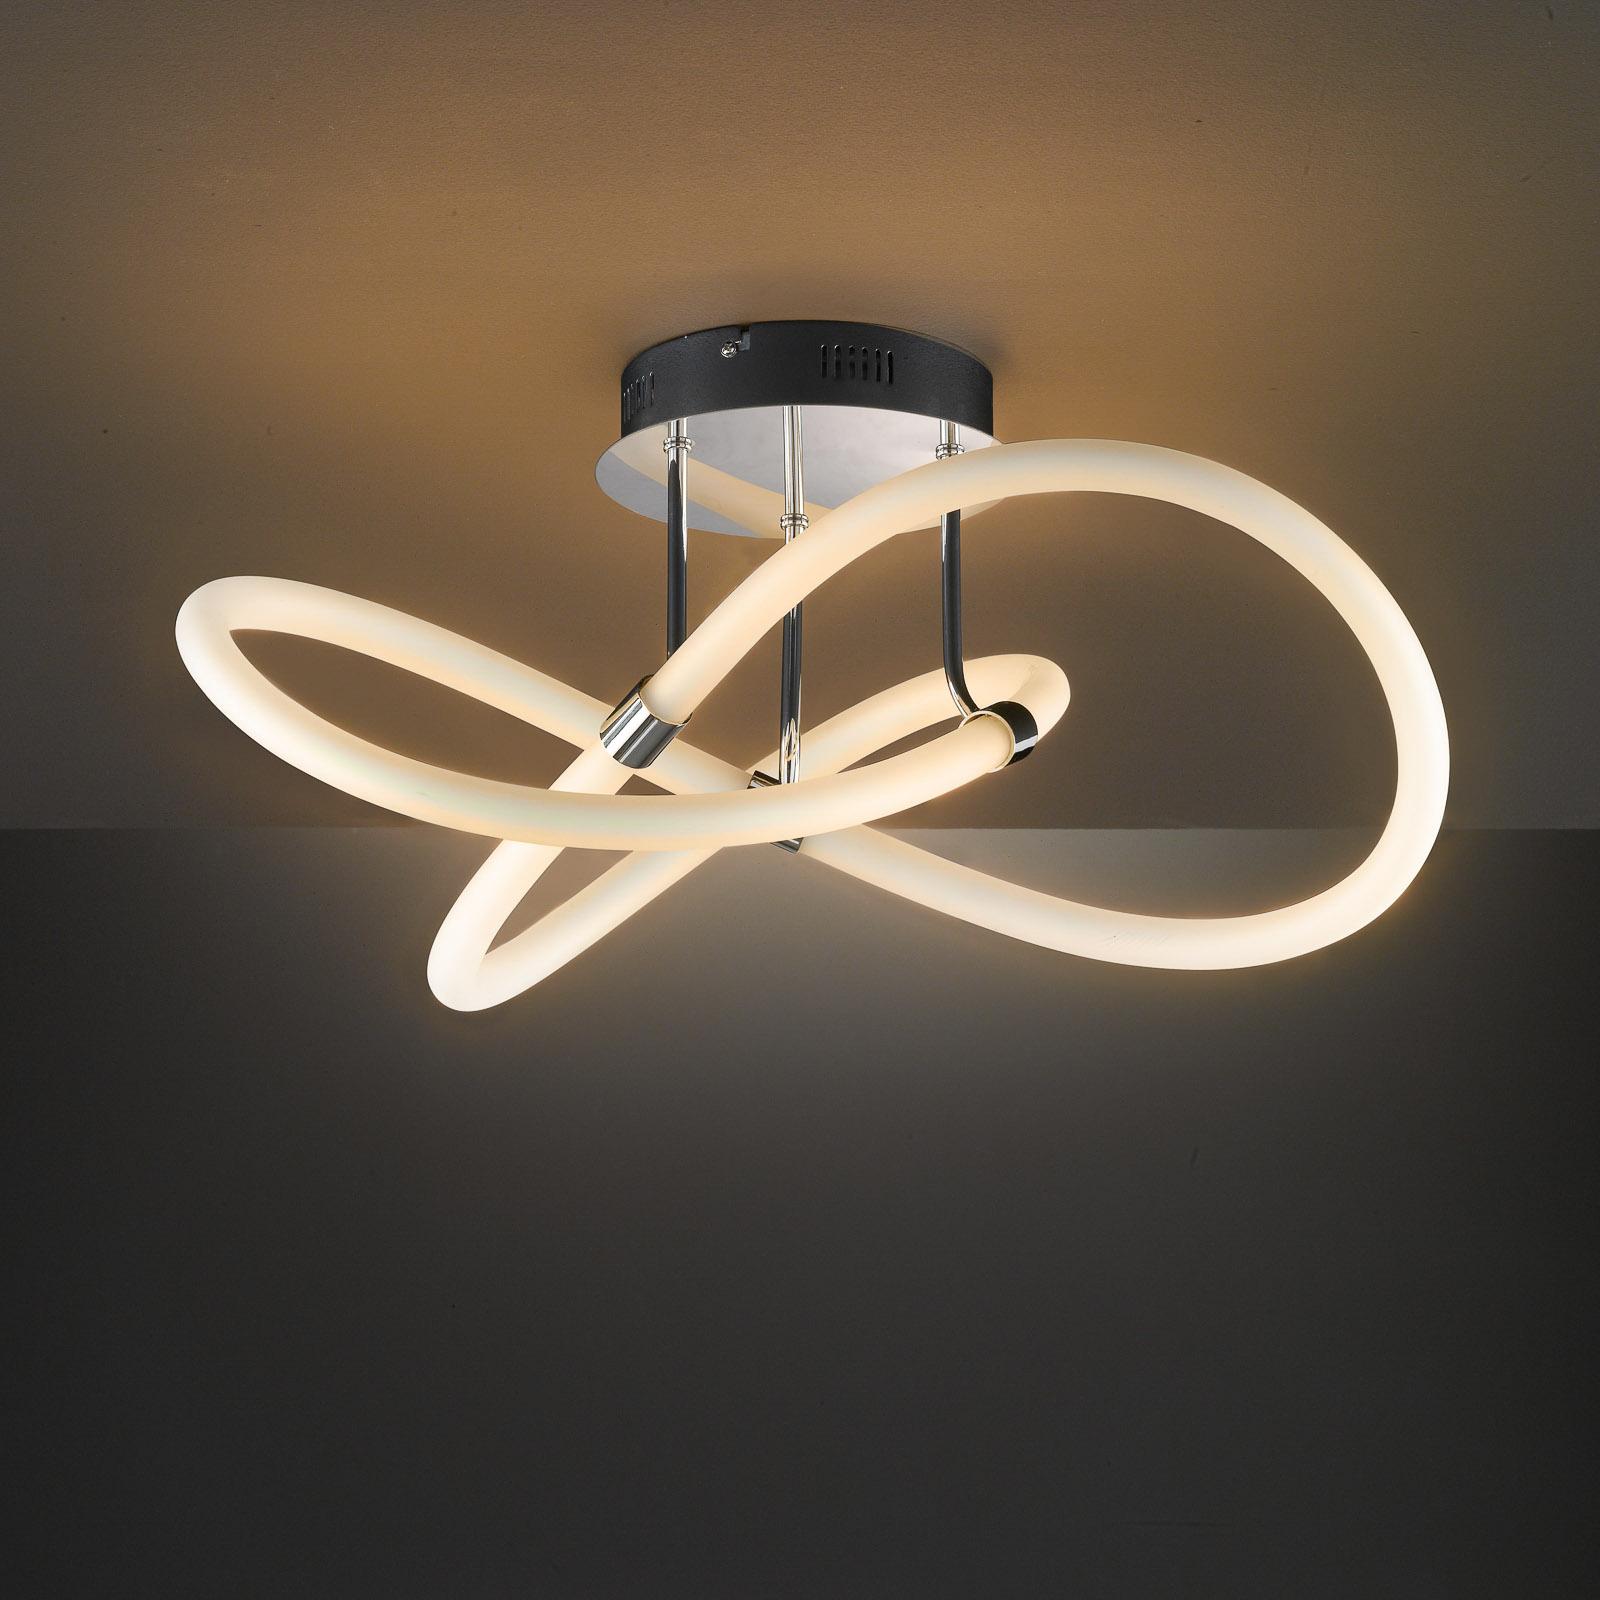 LED-taklampa Mira med fjärrkontroll Ø 57,5 cm